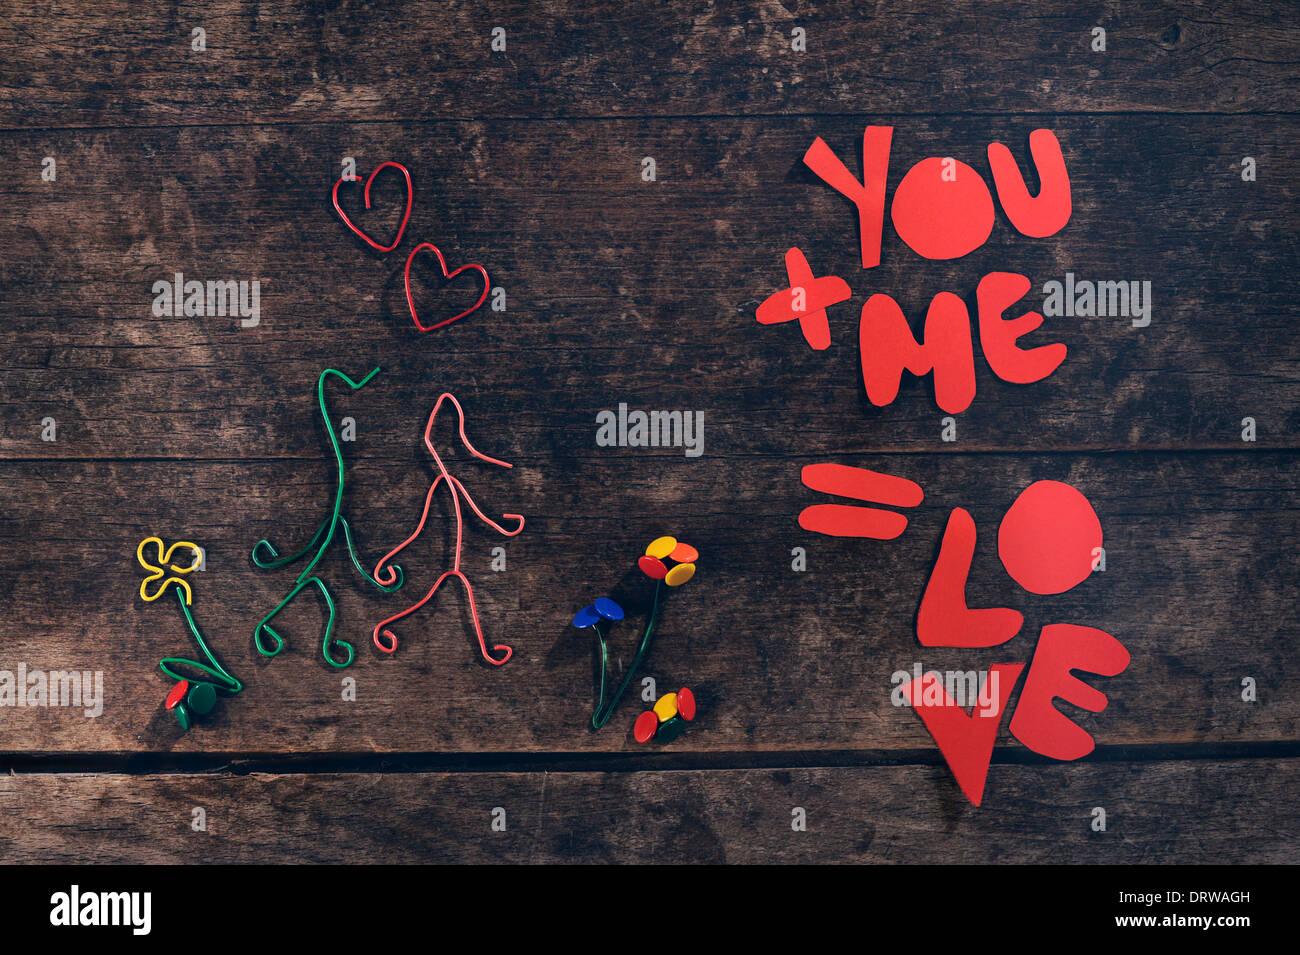 Mensaje de amor creativo. Par de manos hechas de papel y clips chinchetas sobre fondo de madera vintage. Foto de stock